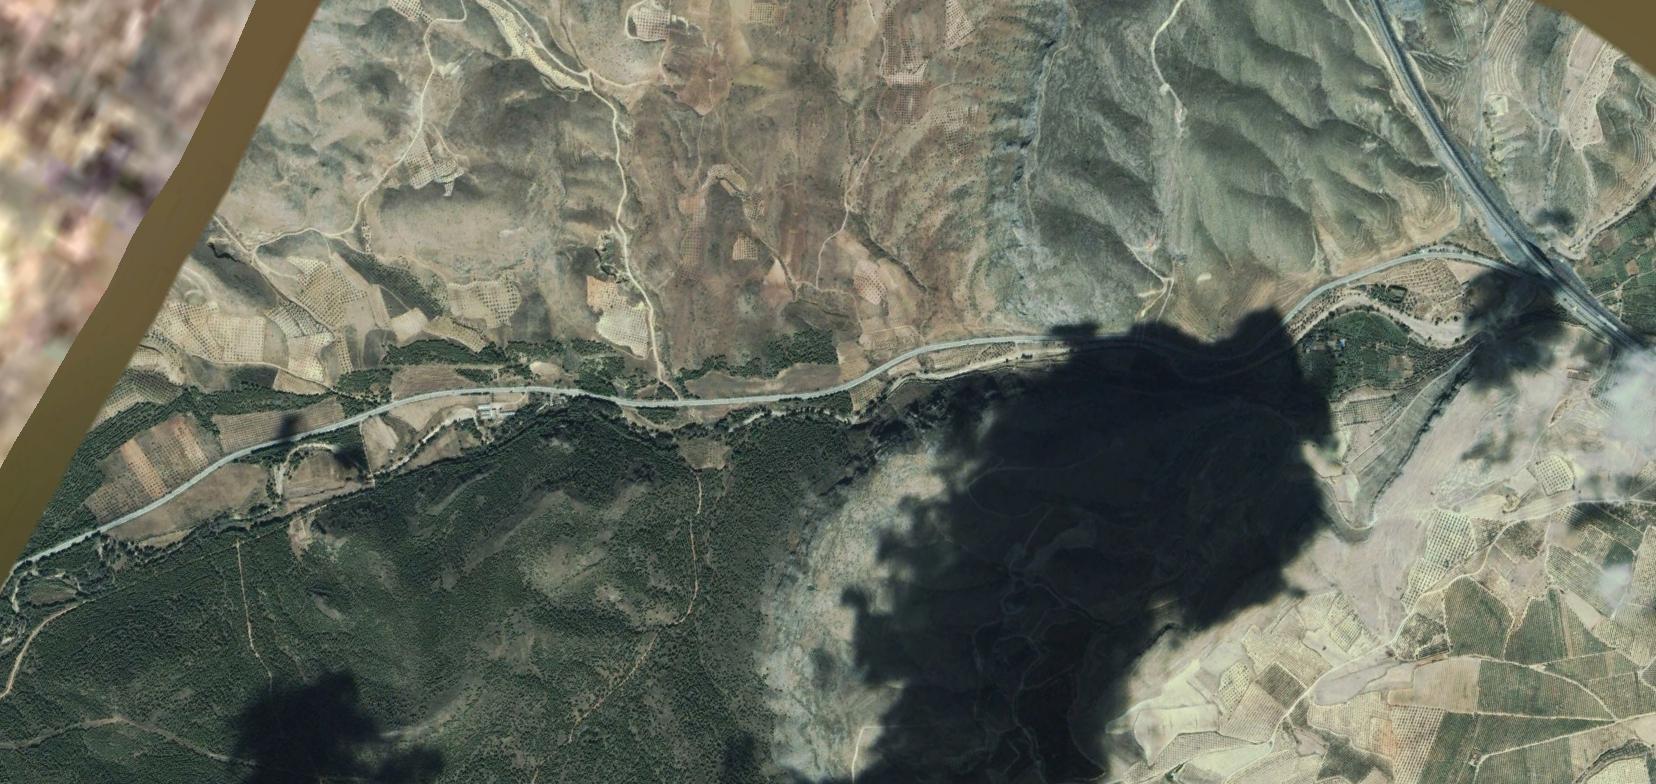 presa de mularroya, zaragoza, sismos monroe, antes, urbanismo, planeamiento, urbano, desastre, urbanístico, construcción